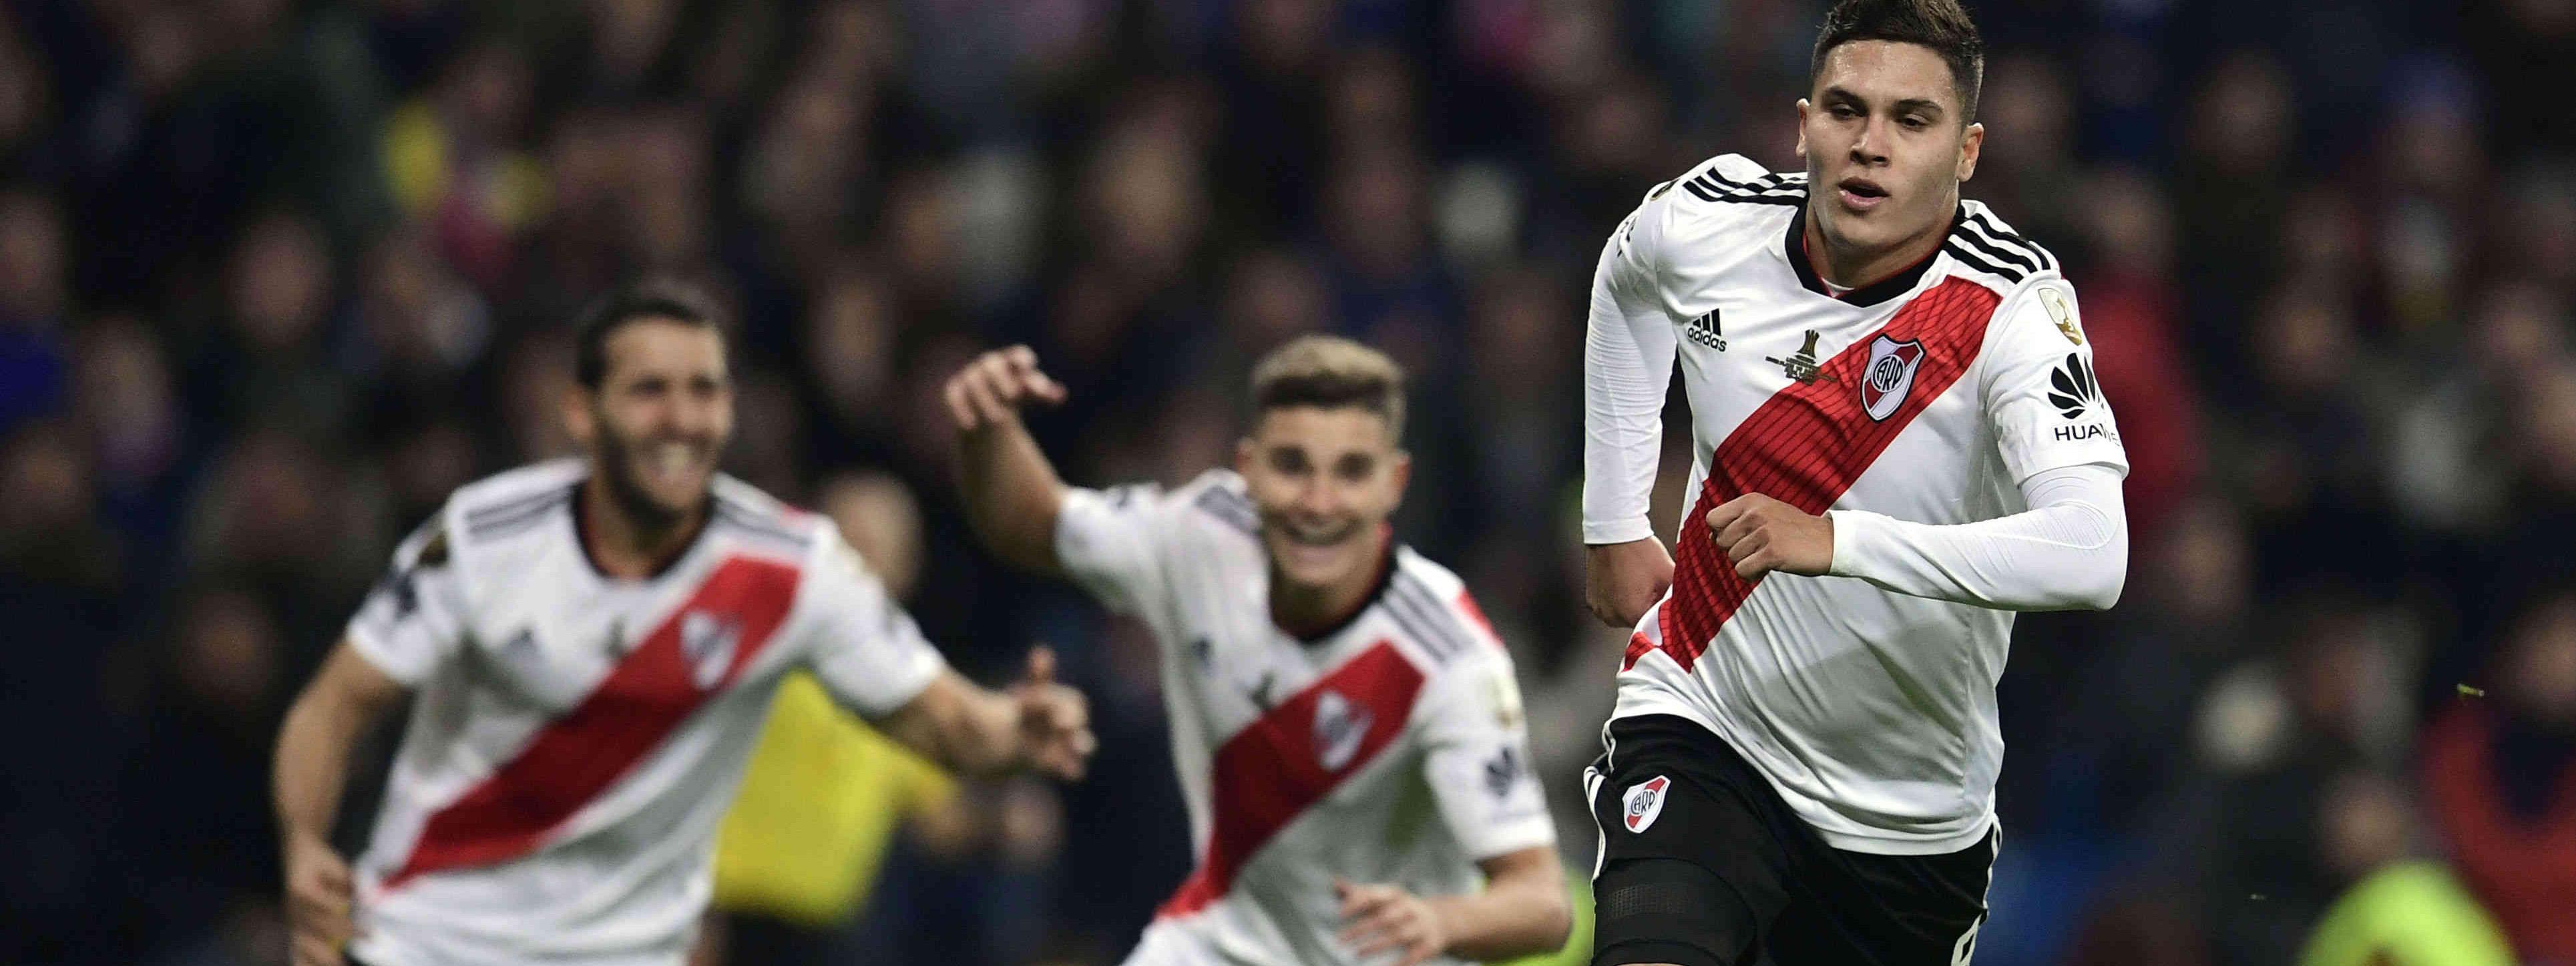 FÚTBOL: River y Boca en el top-10 de los mejores equipos del mundo